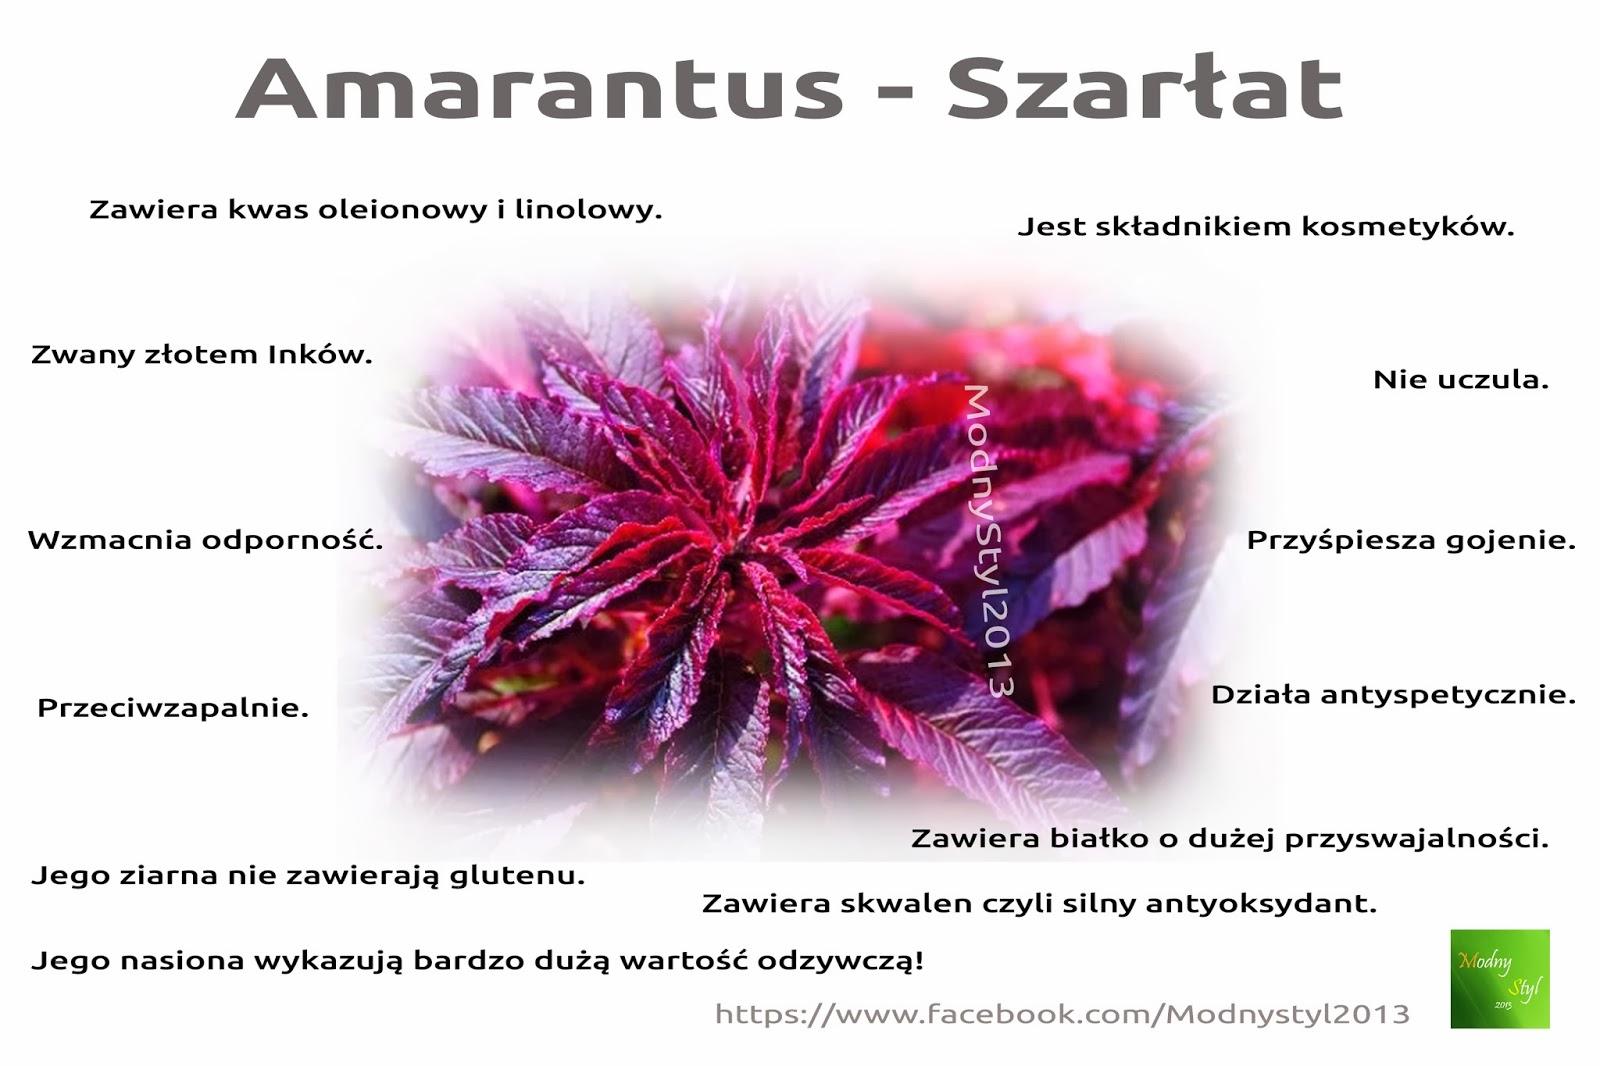 Amarantus zwany skarbem Inków